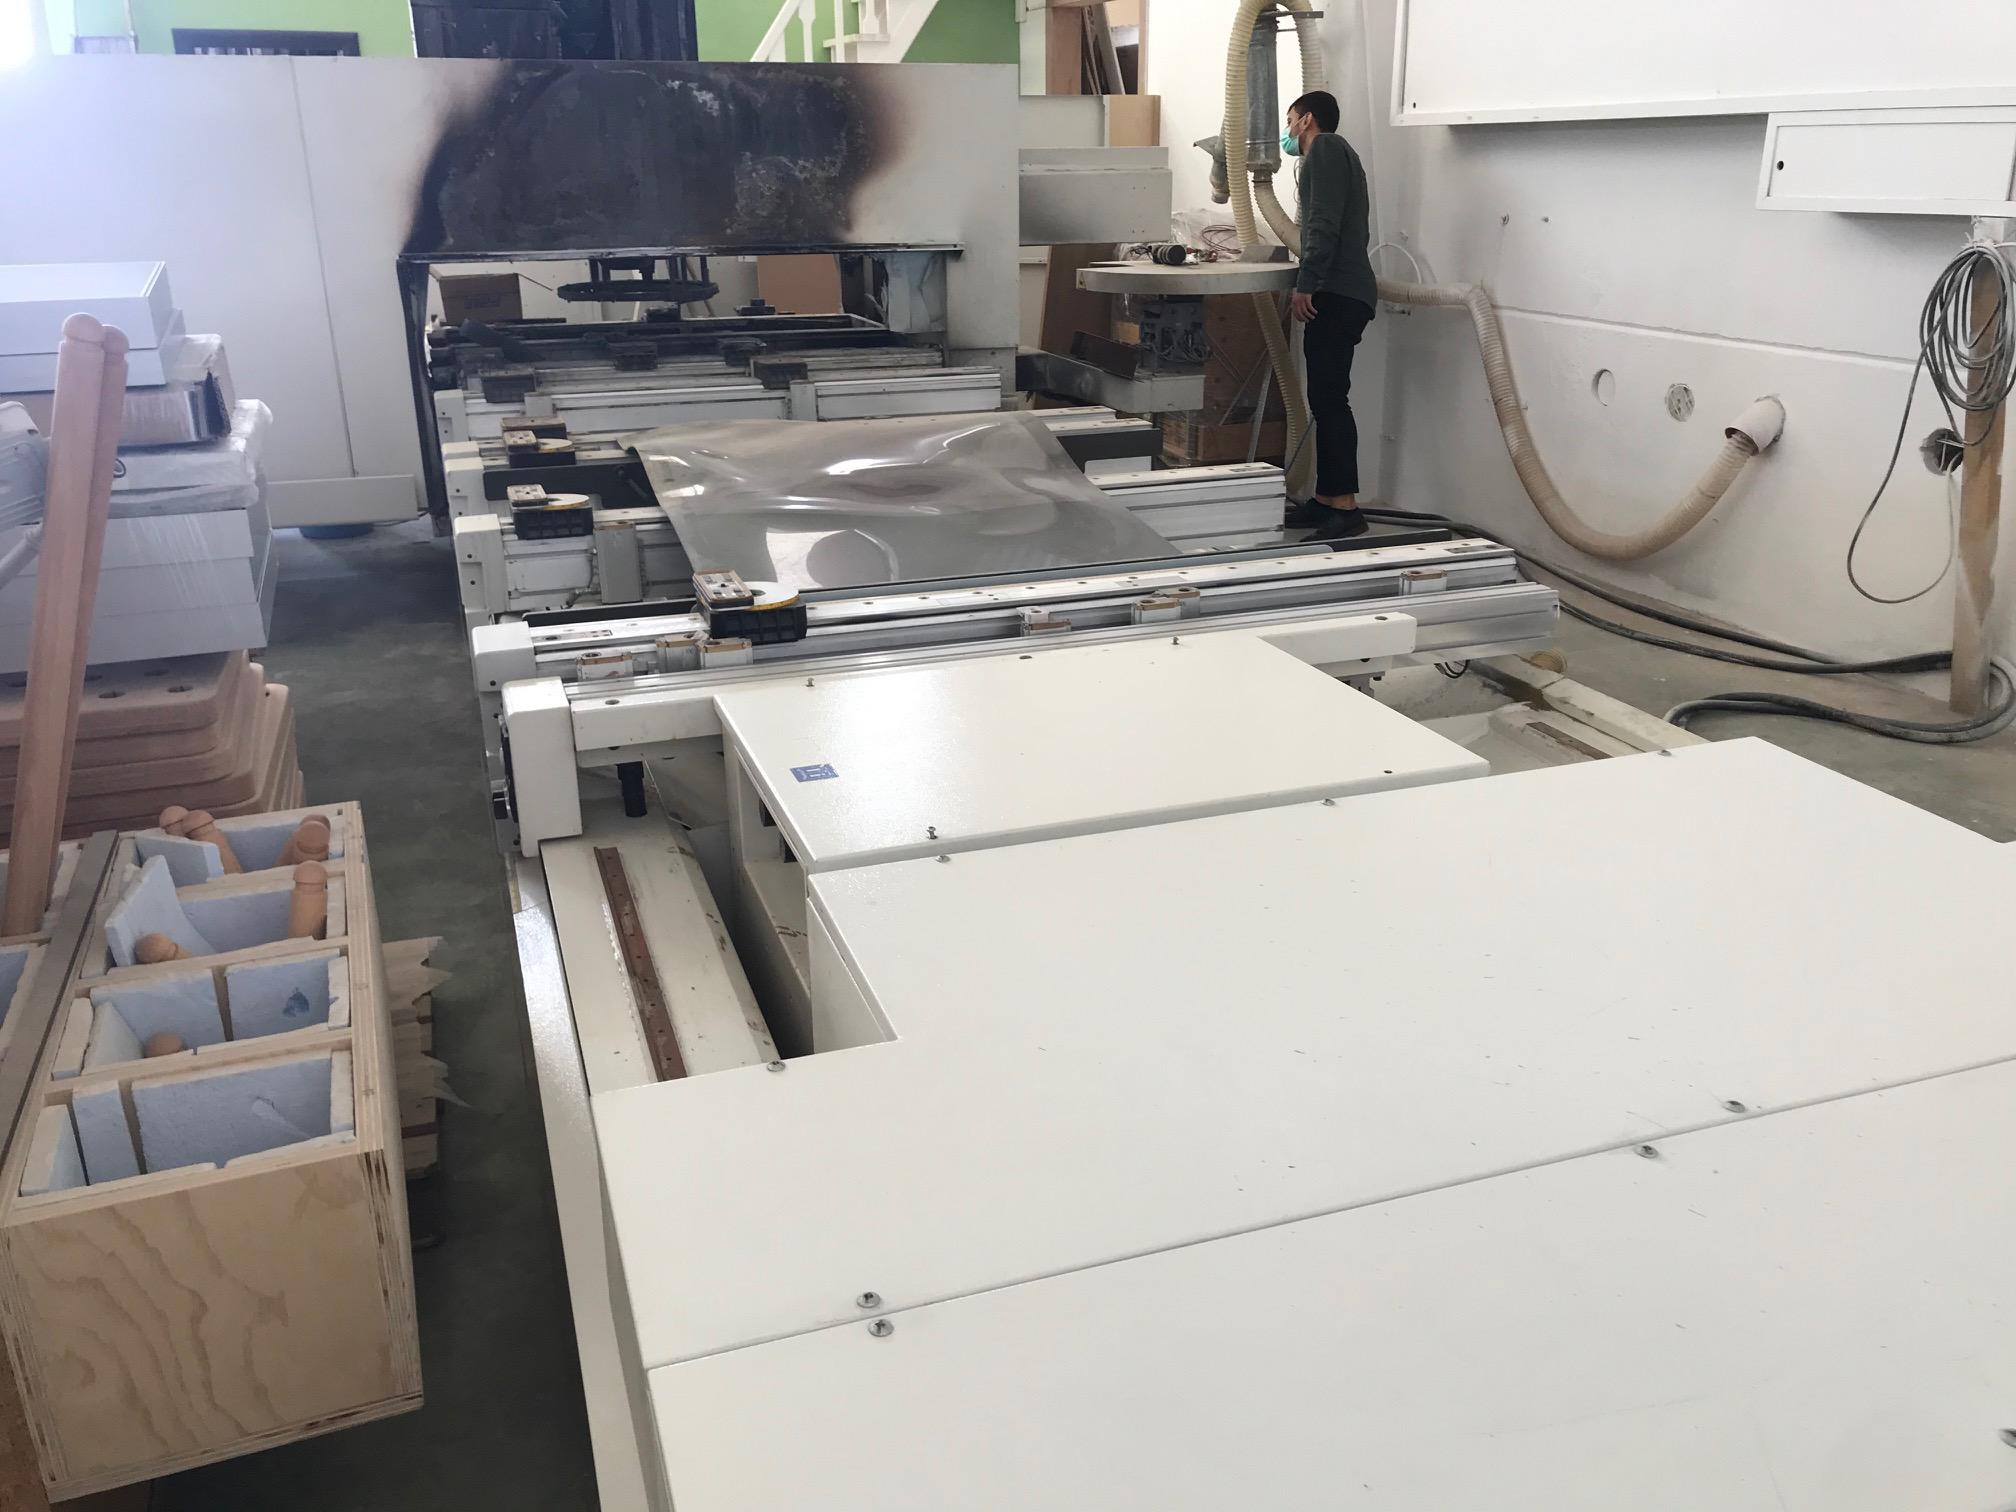 PE0027 - centro di lavoro incidentato SCM Accord 30 Fx in vendita - foto 7